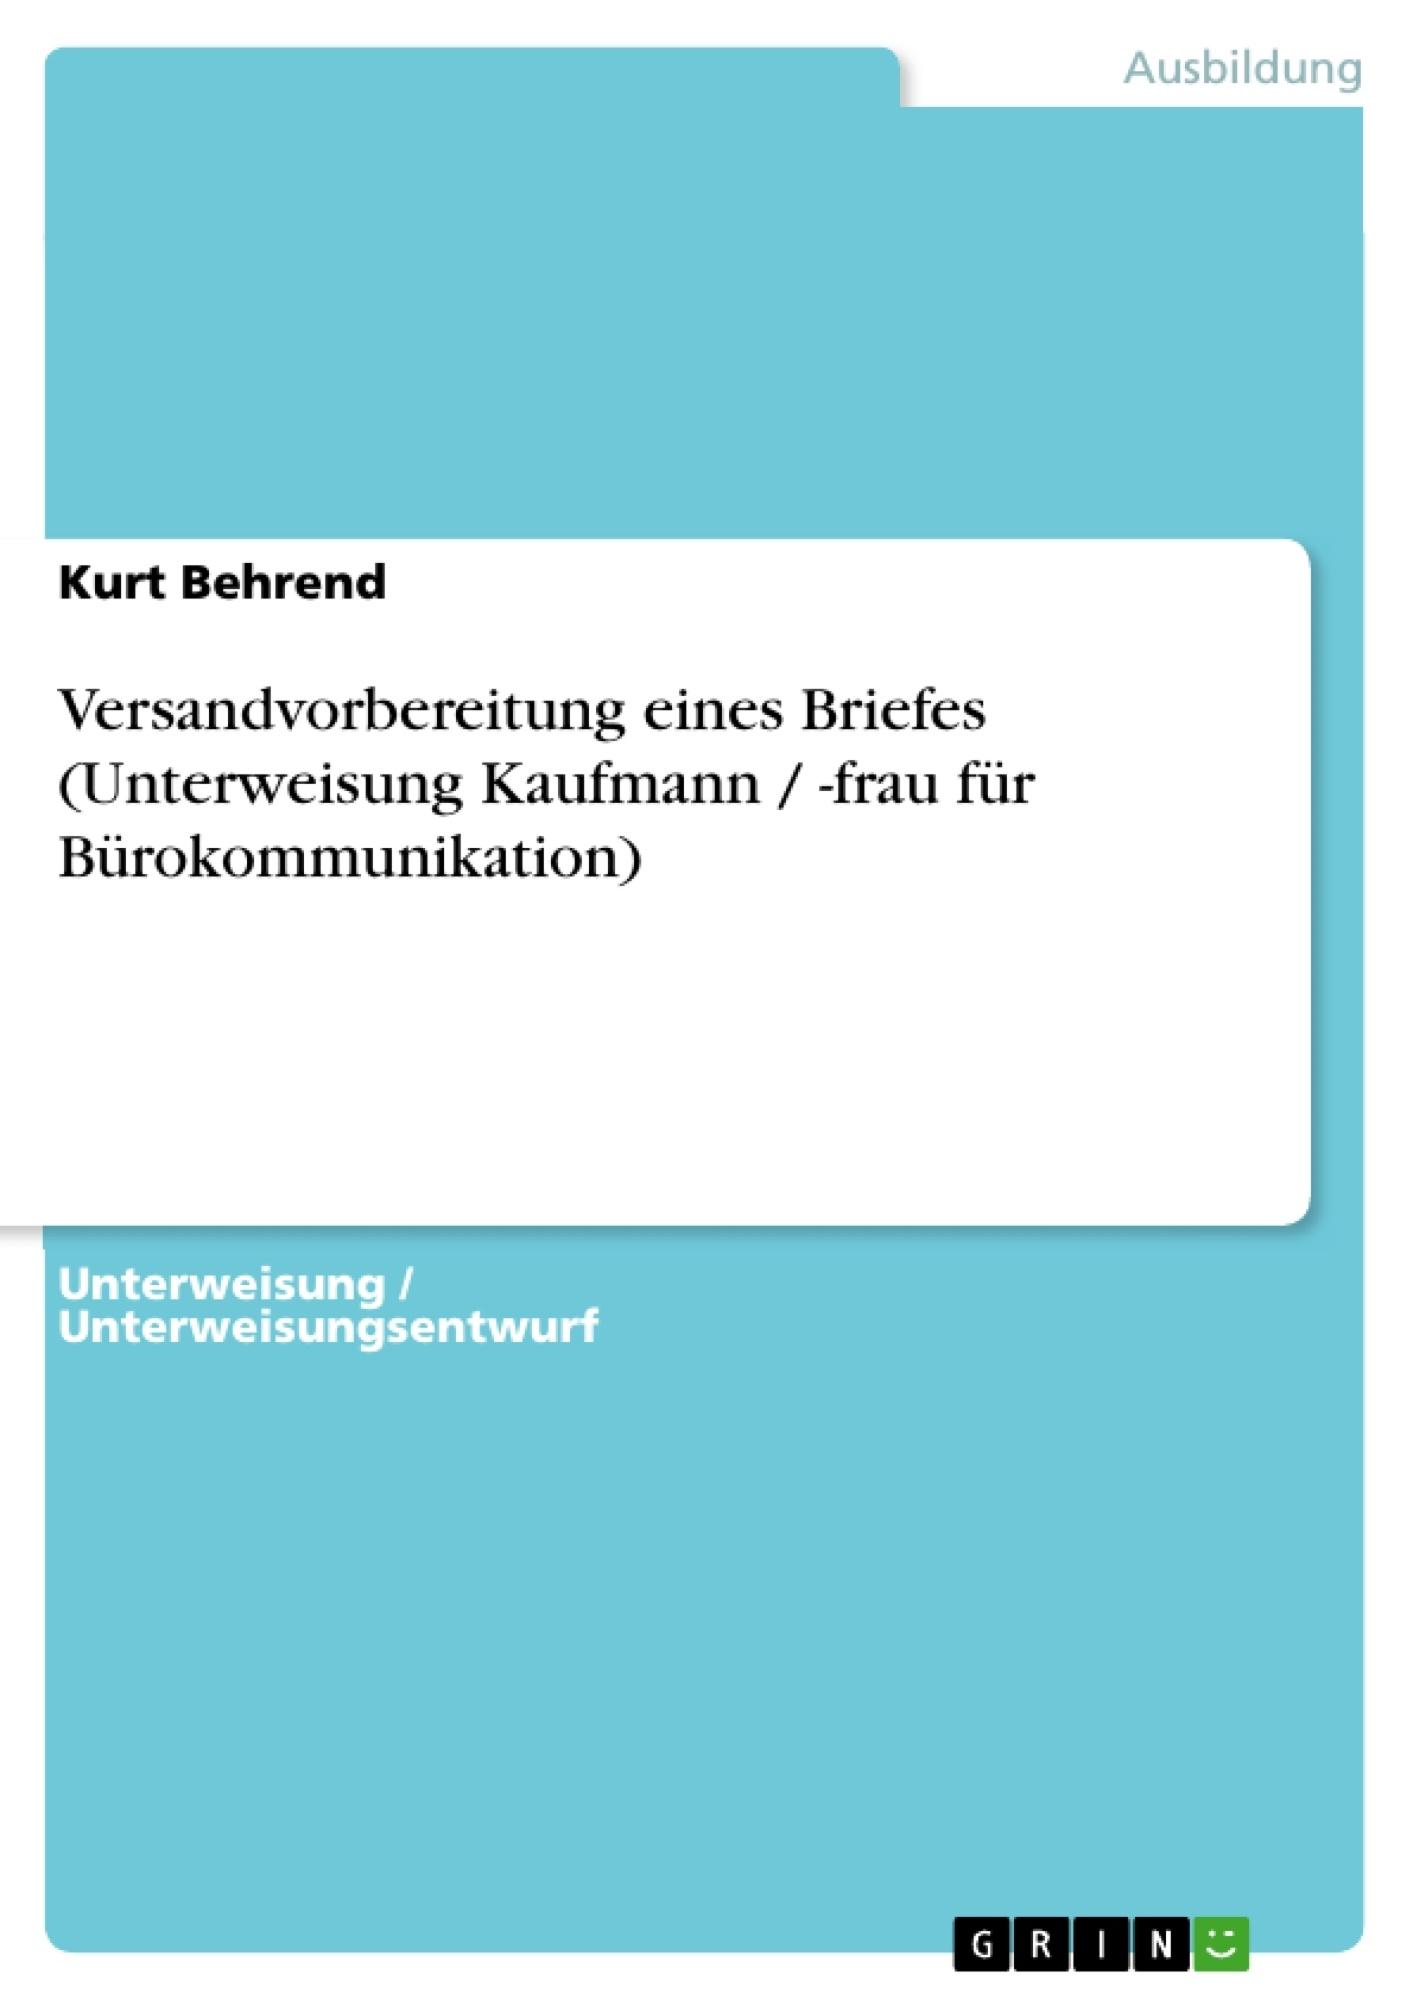 Titel: Versandvorbereitung eines Briefes (Unterweisung Kaufmann / -frau für Bürokommunikation)